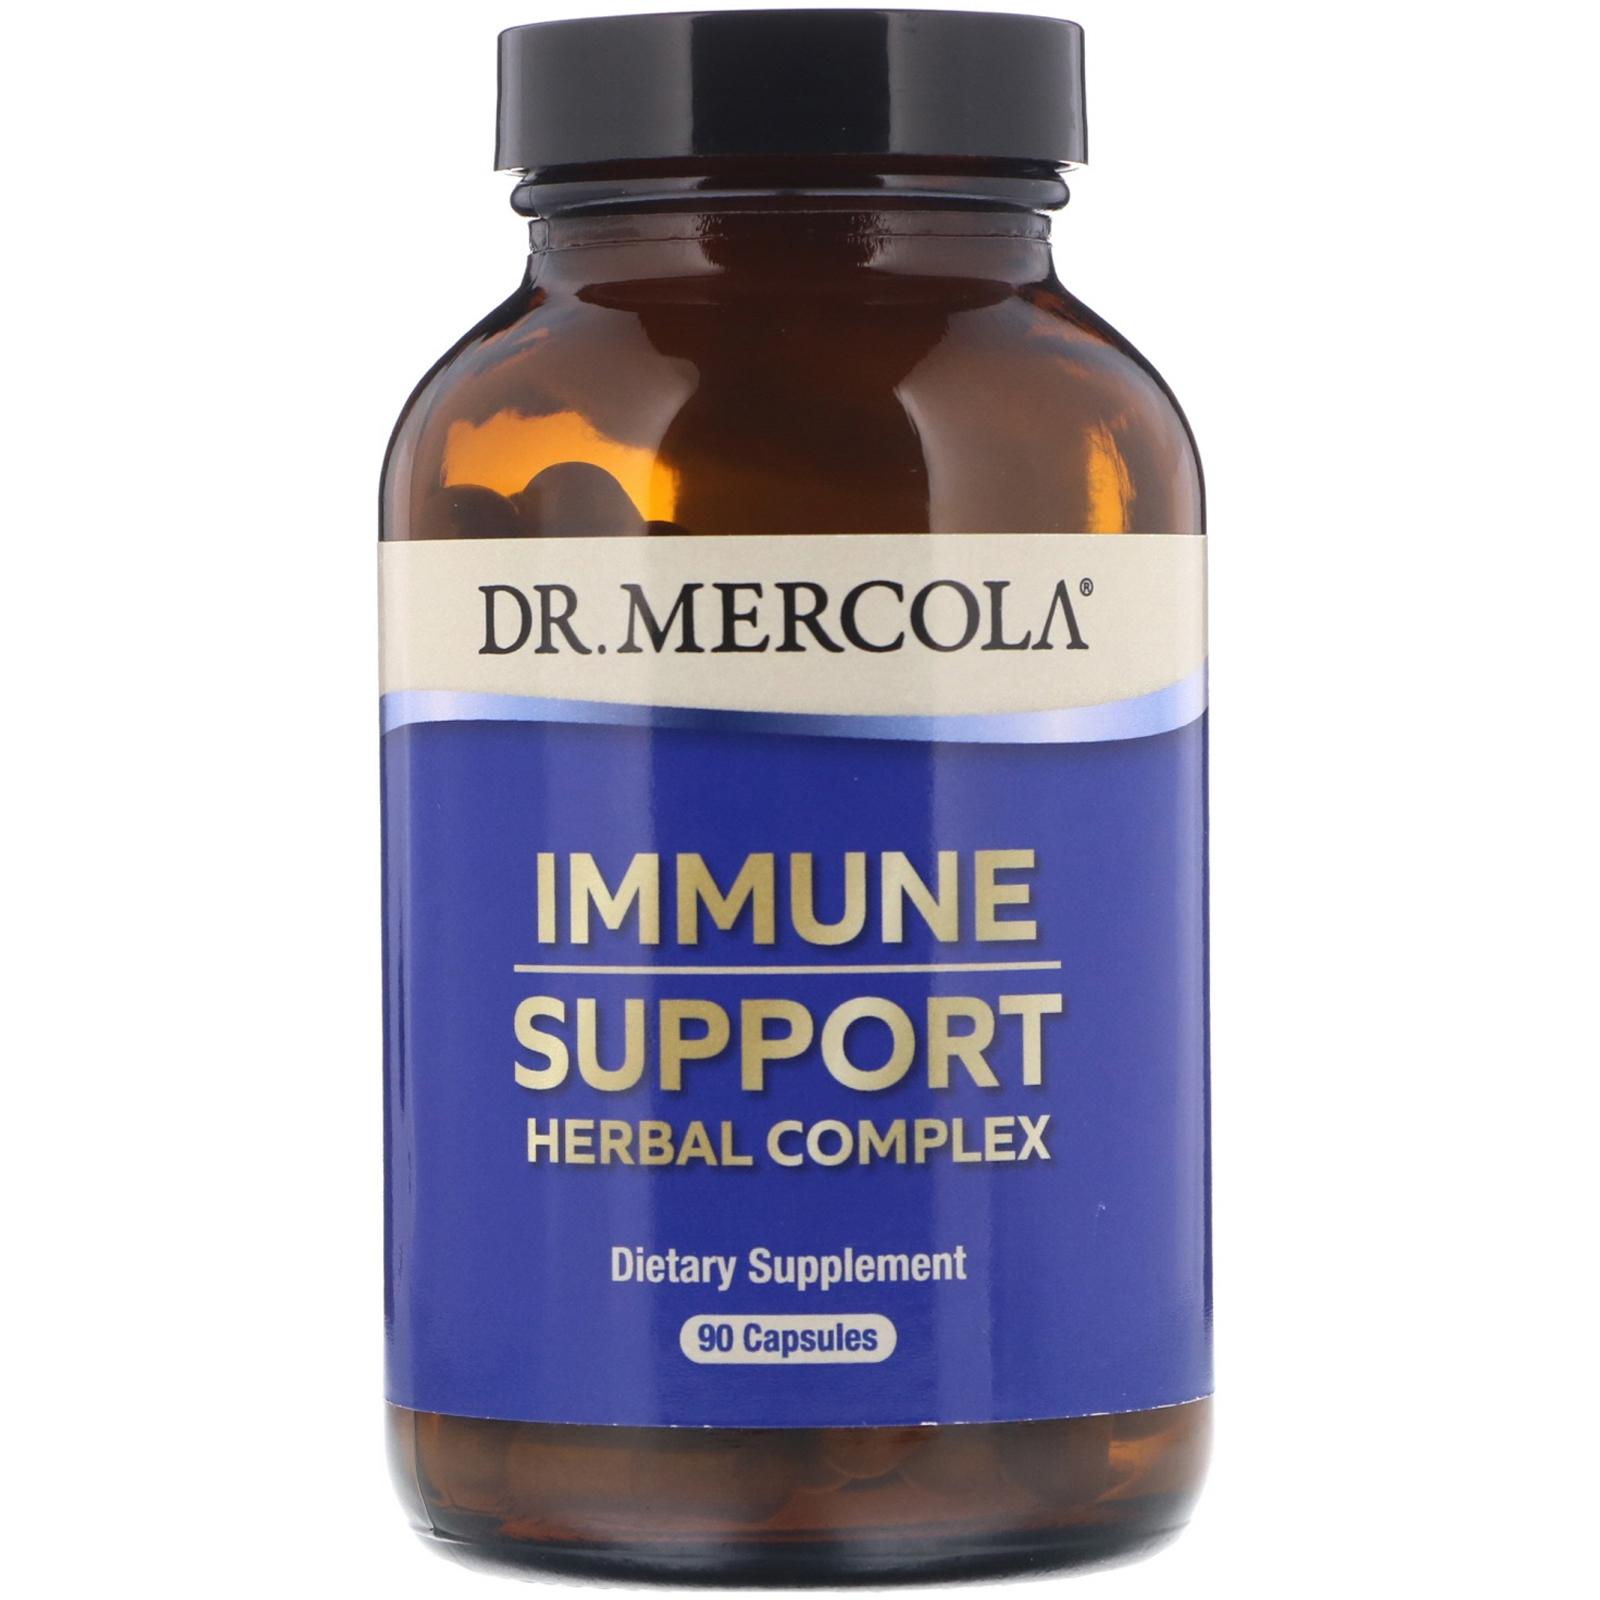 Image of Dr. Mercola, Premium Supplements, Immune Support, 90 Capsules 0813006011563